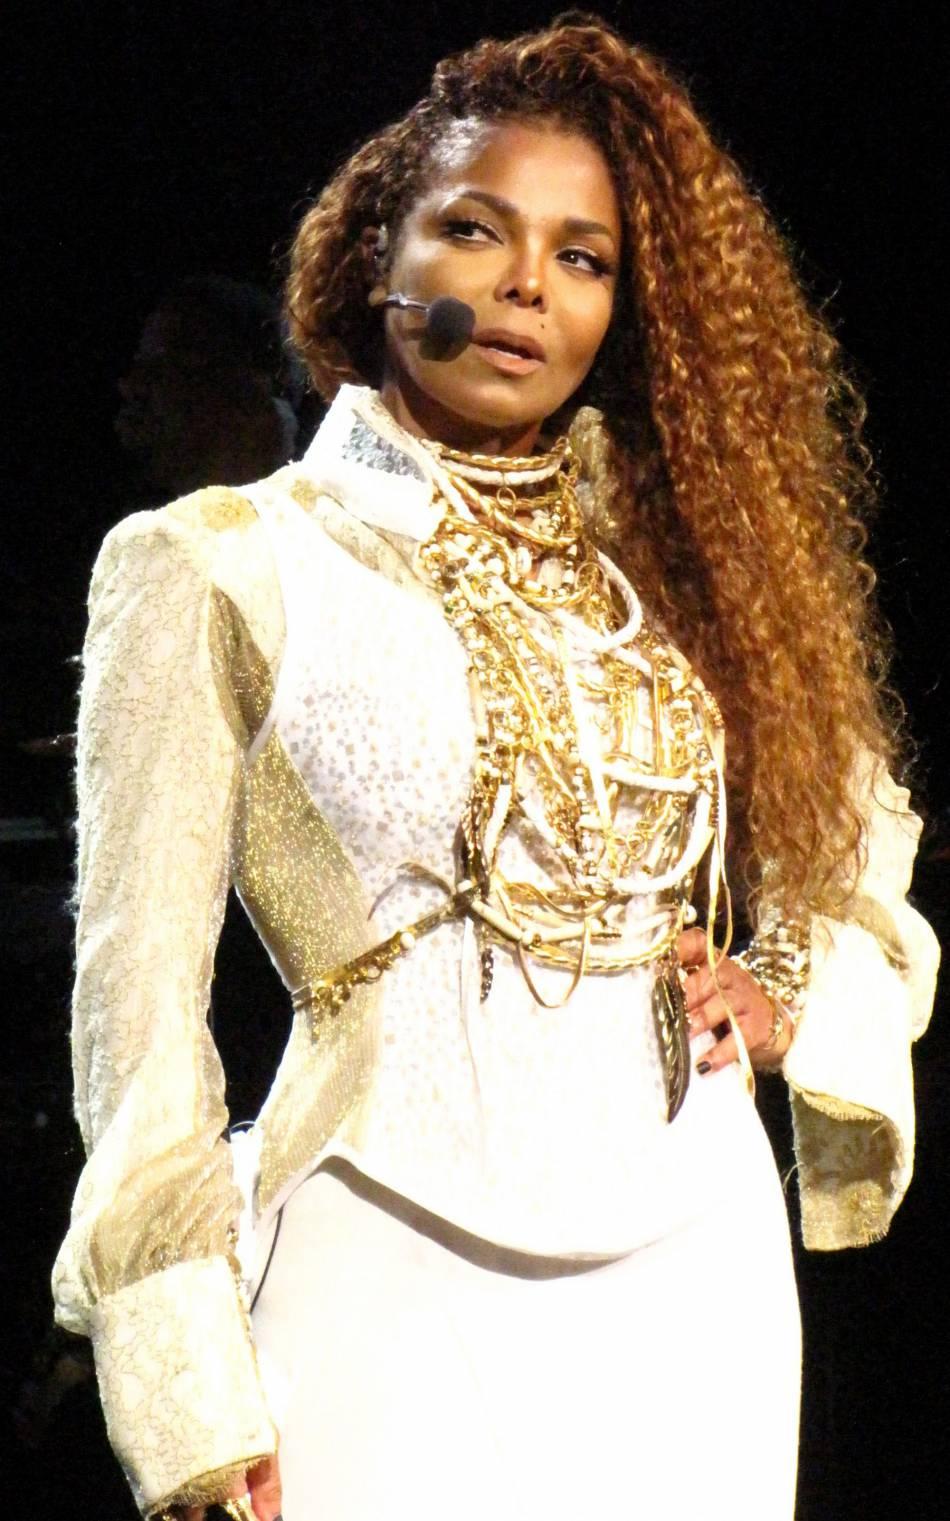 Janet Jackson fait son come-back sur scène en 2015 avec le Unbreakable Tour.